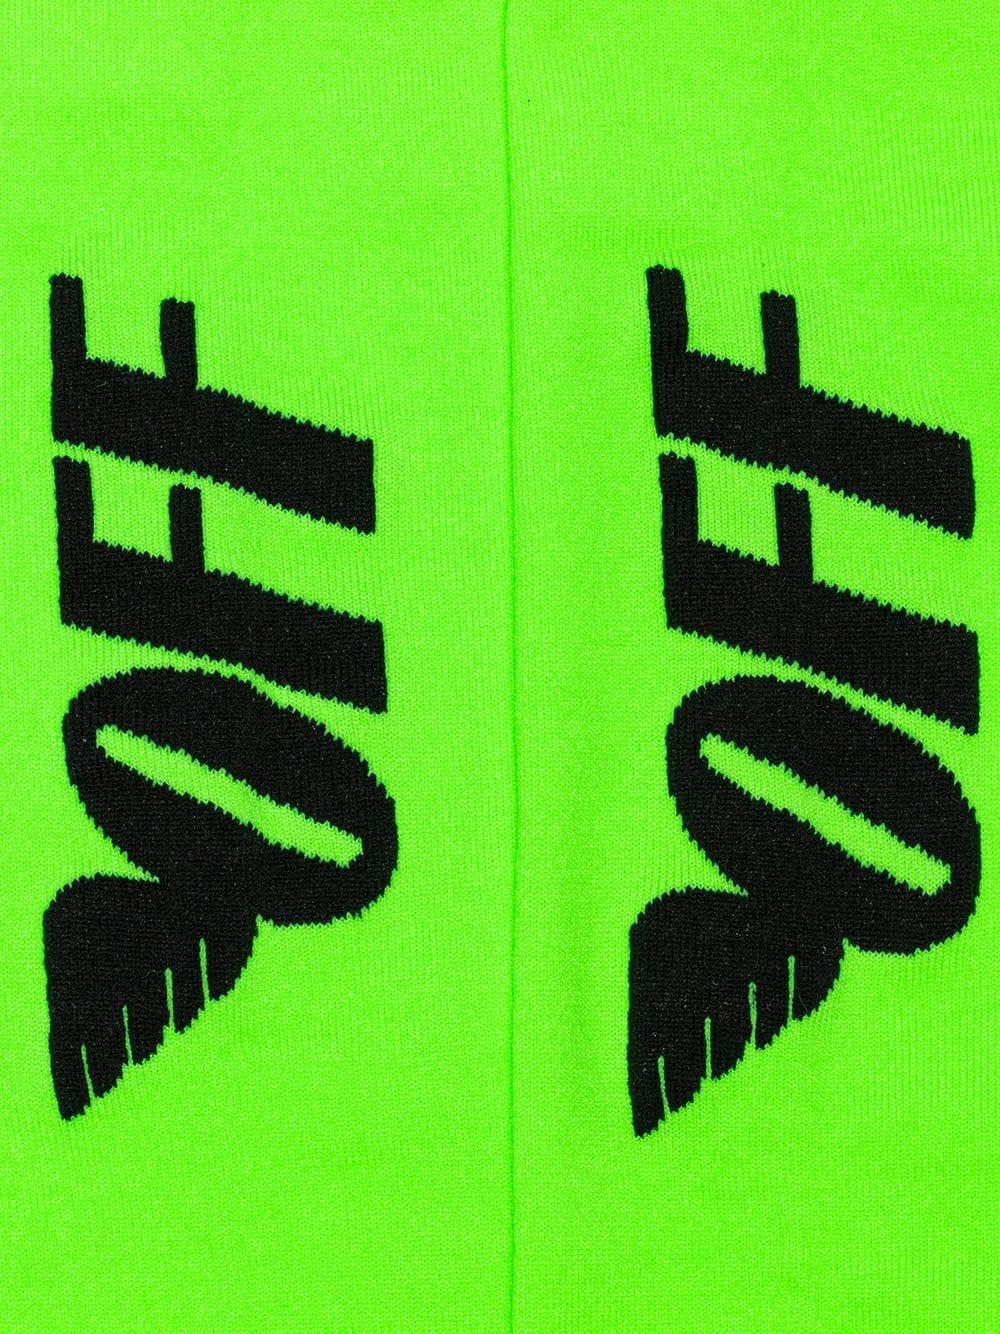 Co Virgil De Off Abloh Logo Motivo Con White Alas Calcetines bgvf76Yy